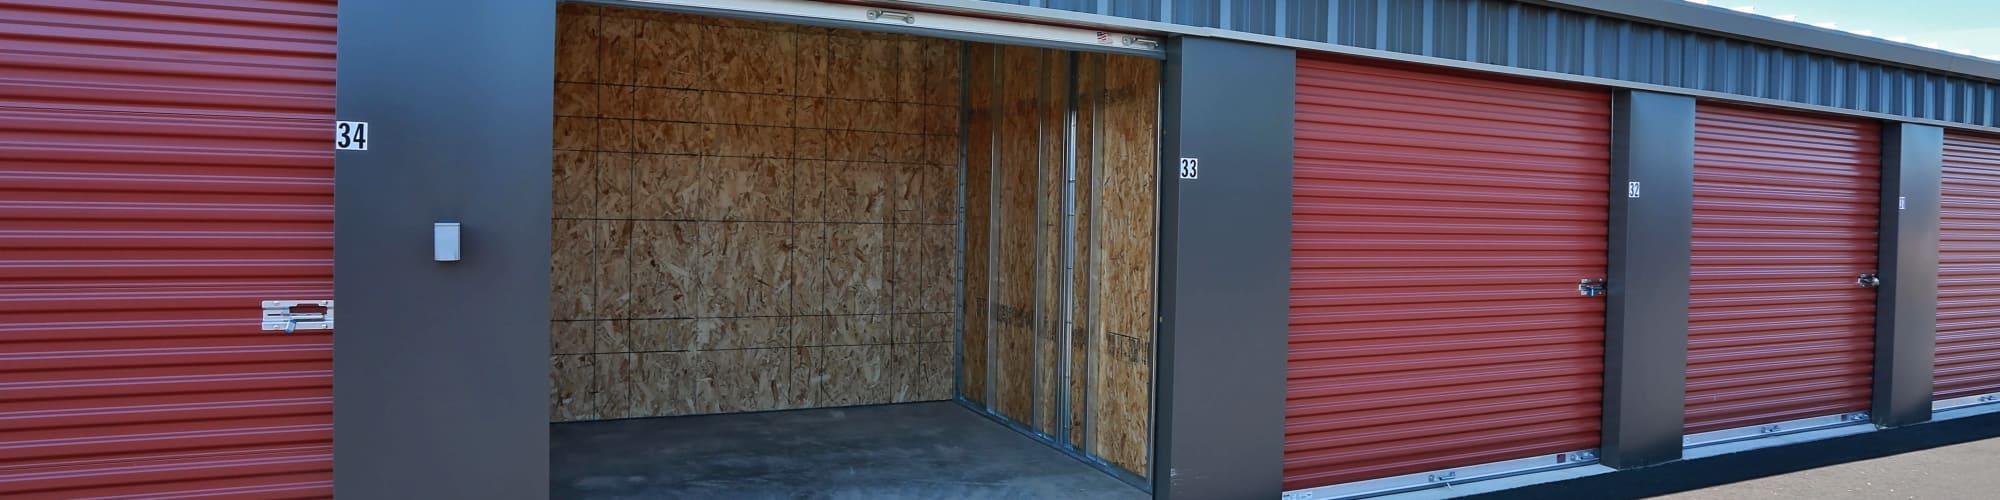 Reviews for Nest Self Storage in Salem, Oregon